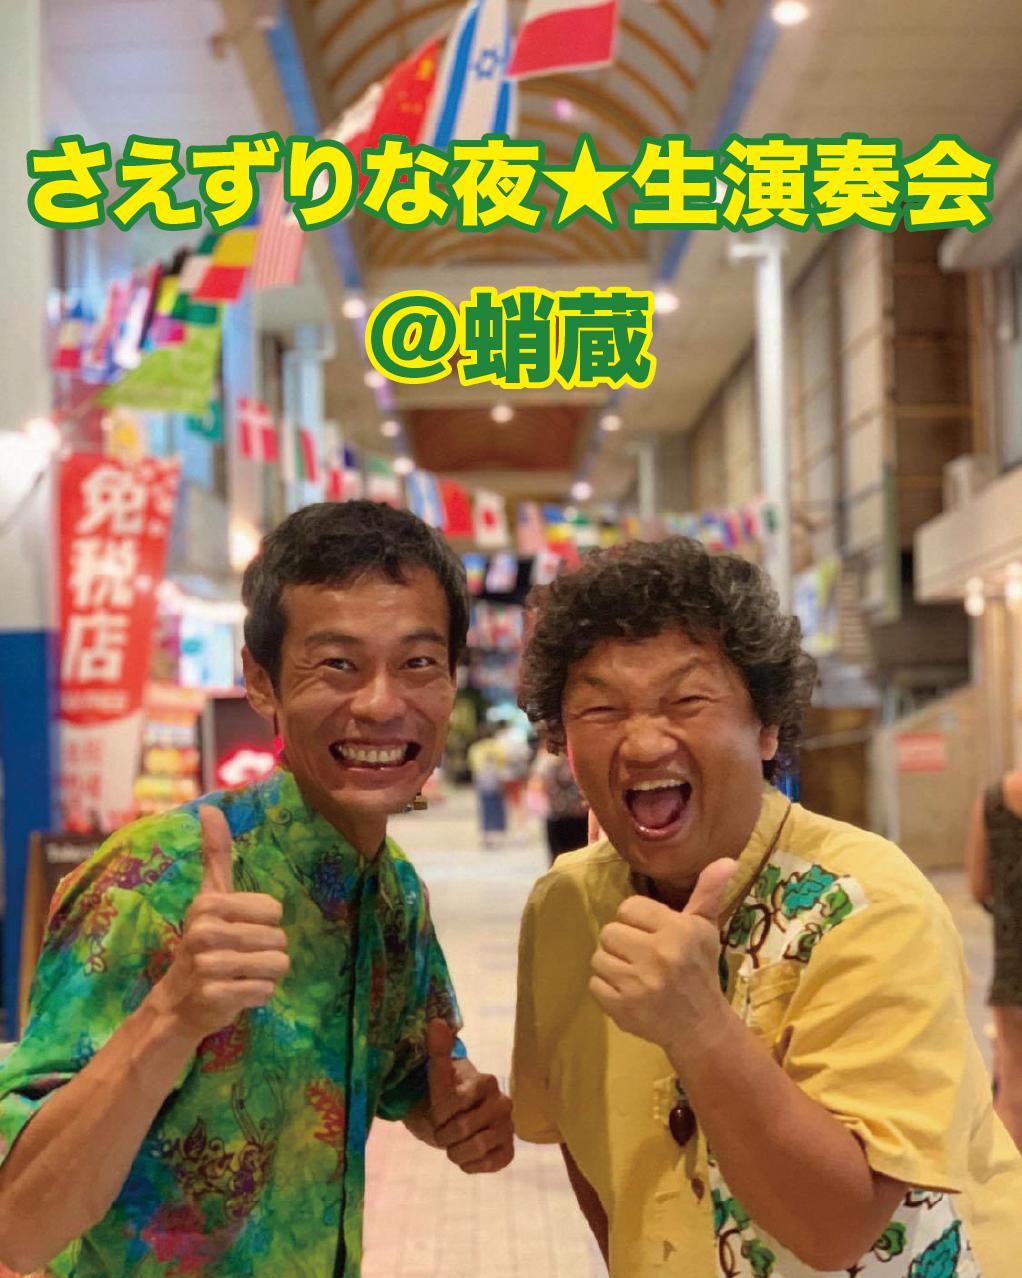 さえずりな夜☆生演奏会 at 蛸蔵